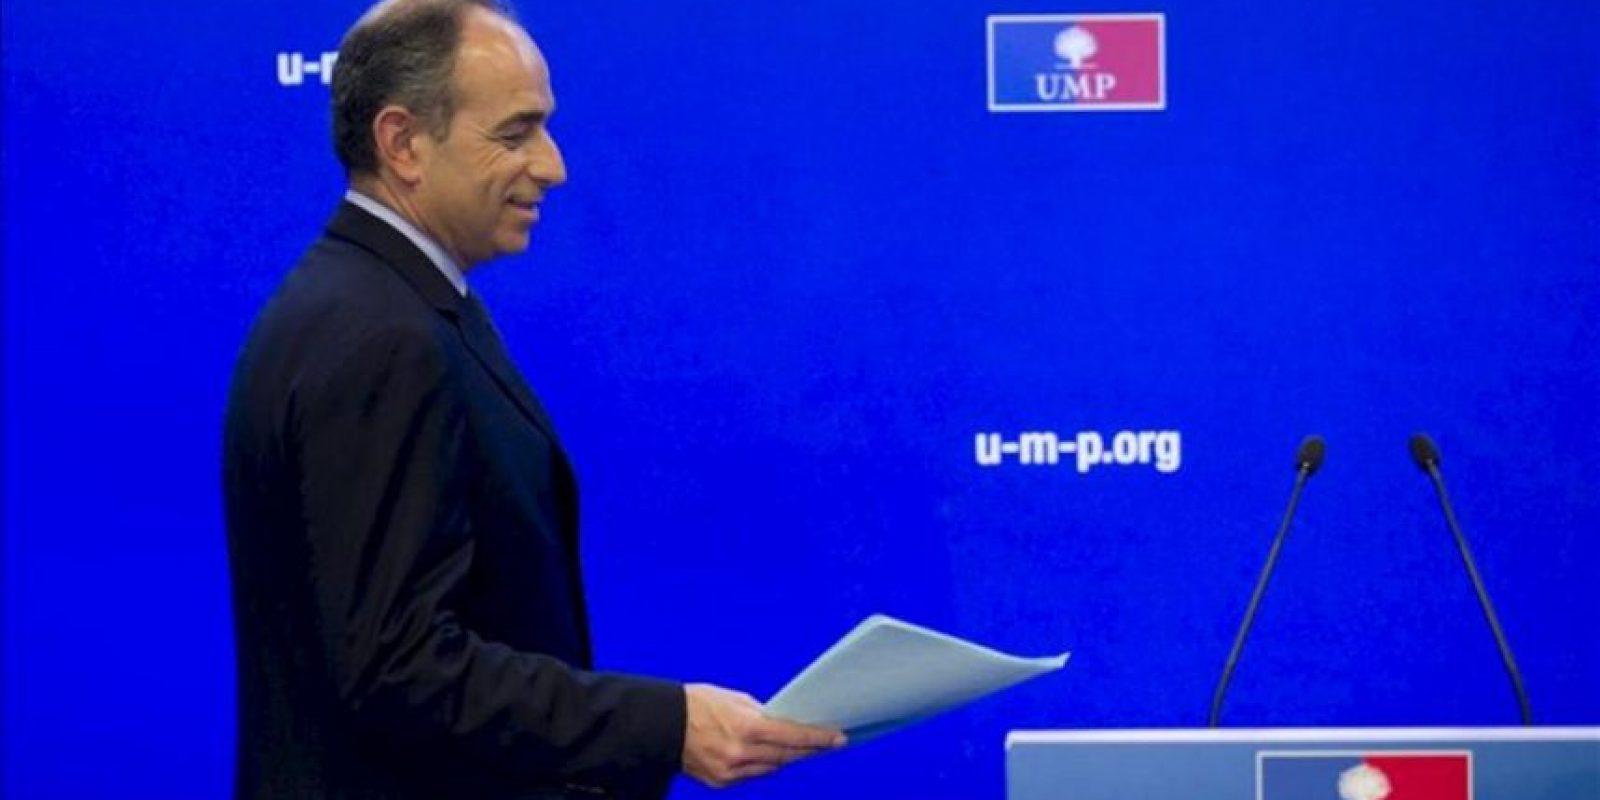 Jean-François Copé antes de dirigirse a los medios de comunicación durante una rueda de prensa celebrada en París, Francia hoy 26 de noviembre de 2012 .EFE